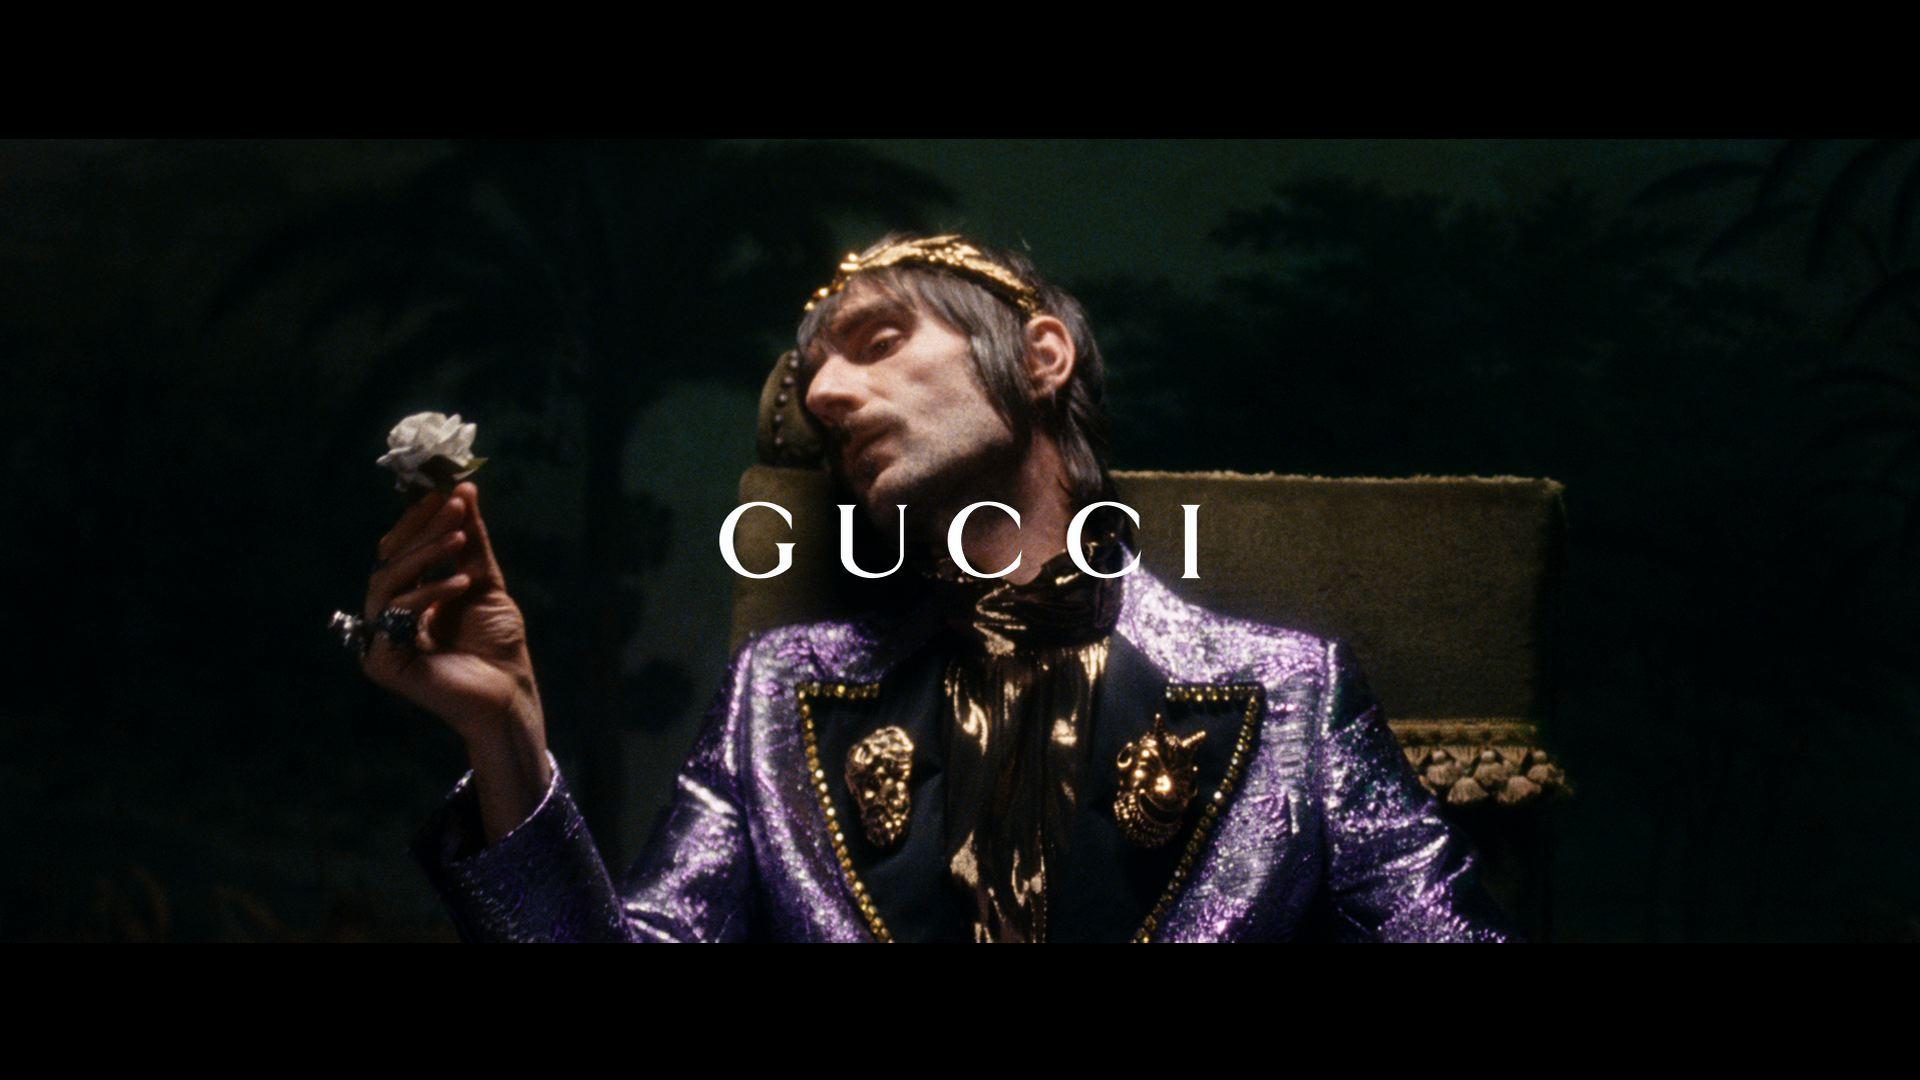 60_Gucci_DB_FB_YT_Press_Gucci360